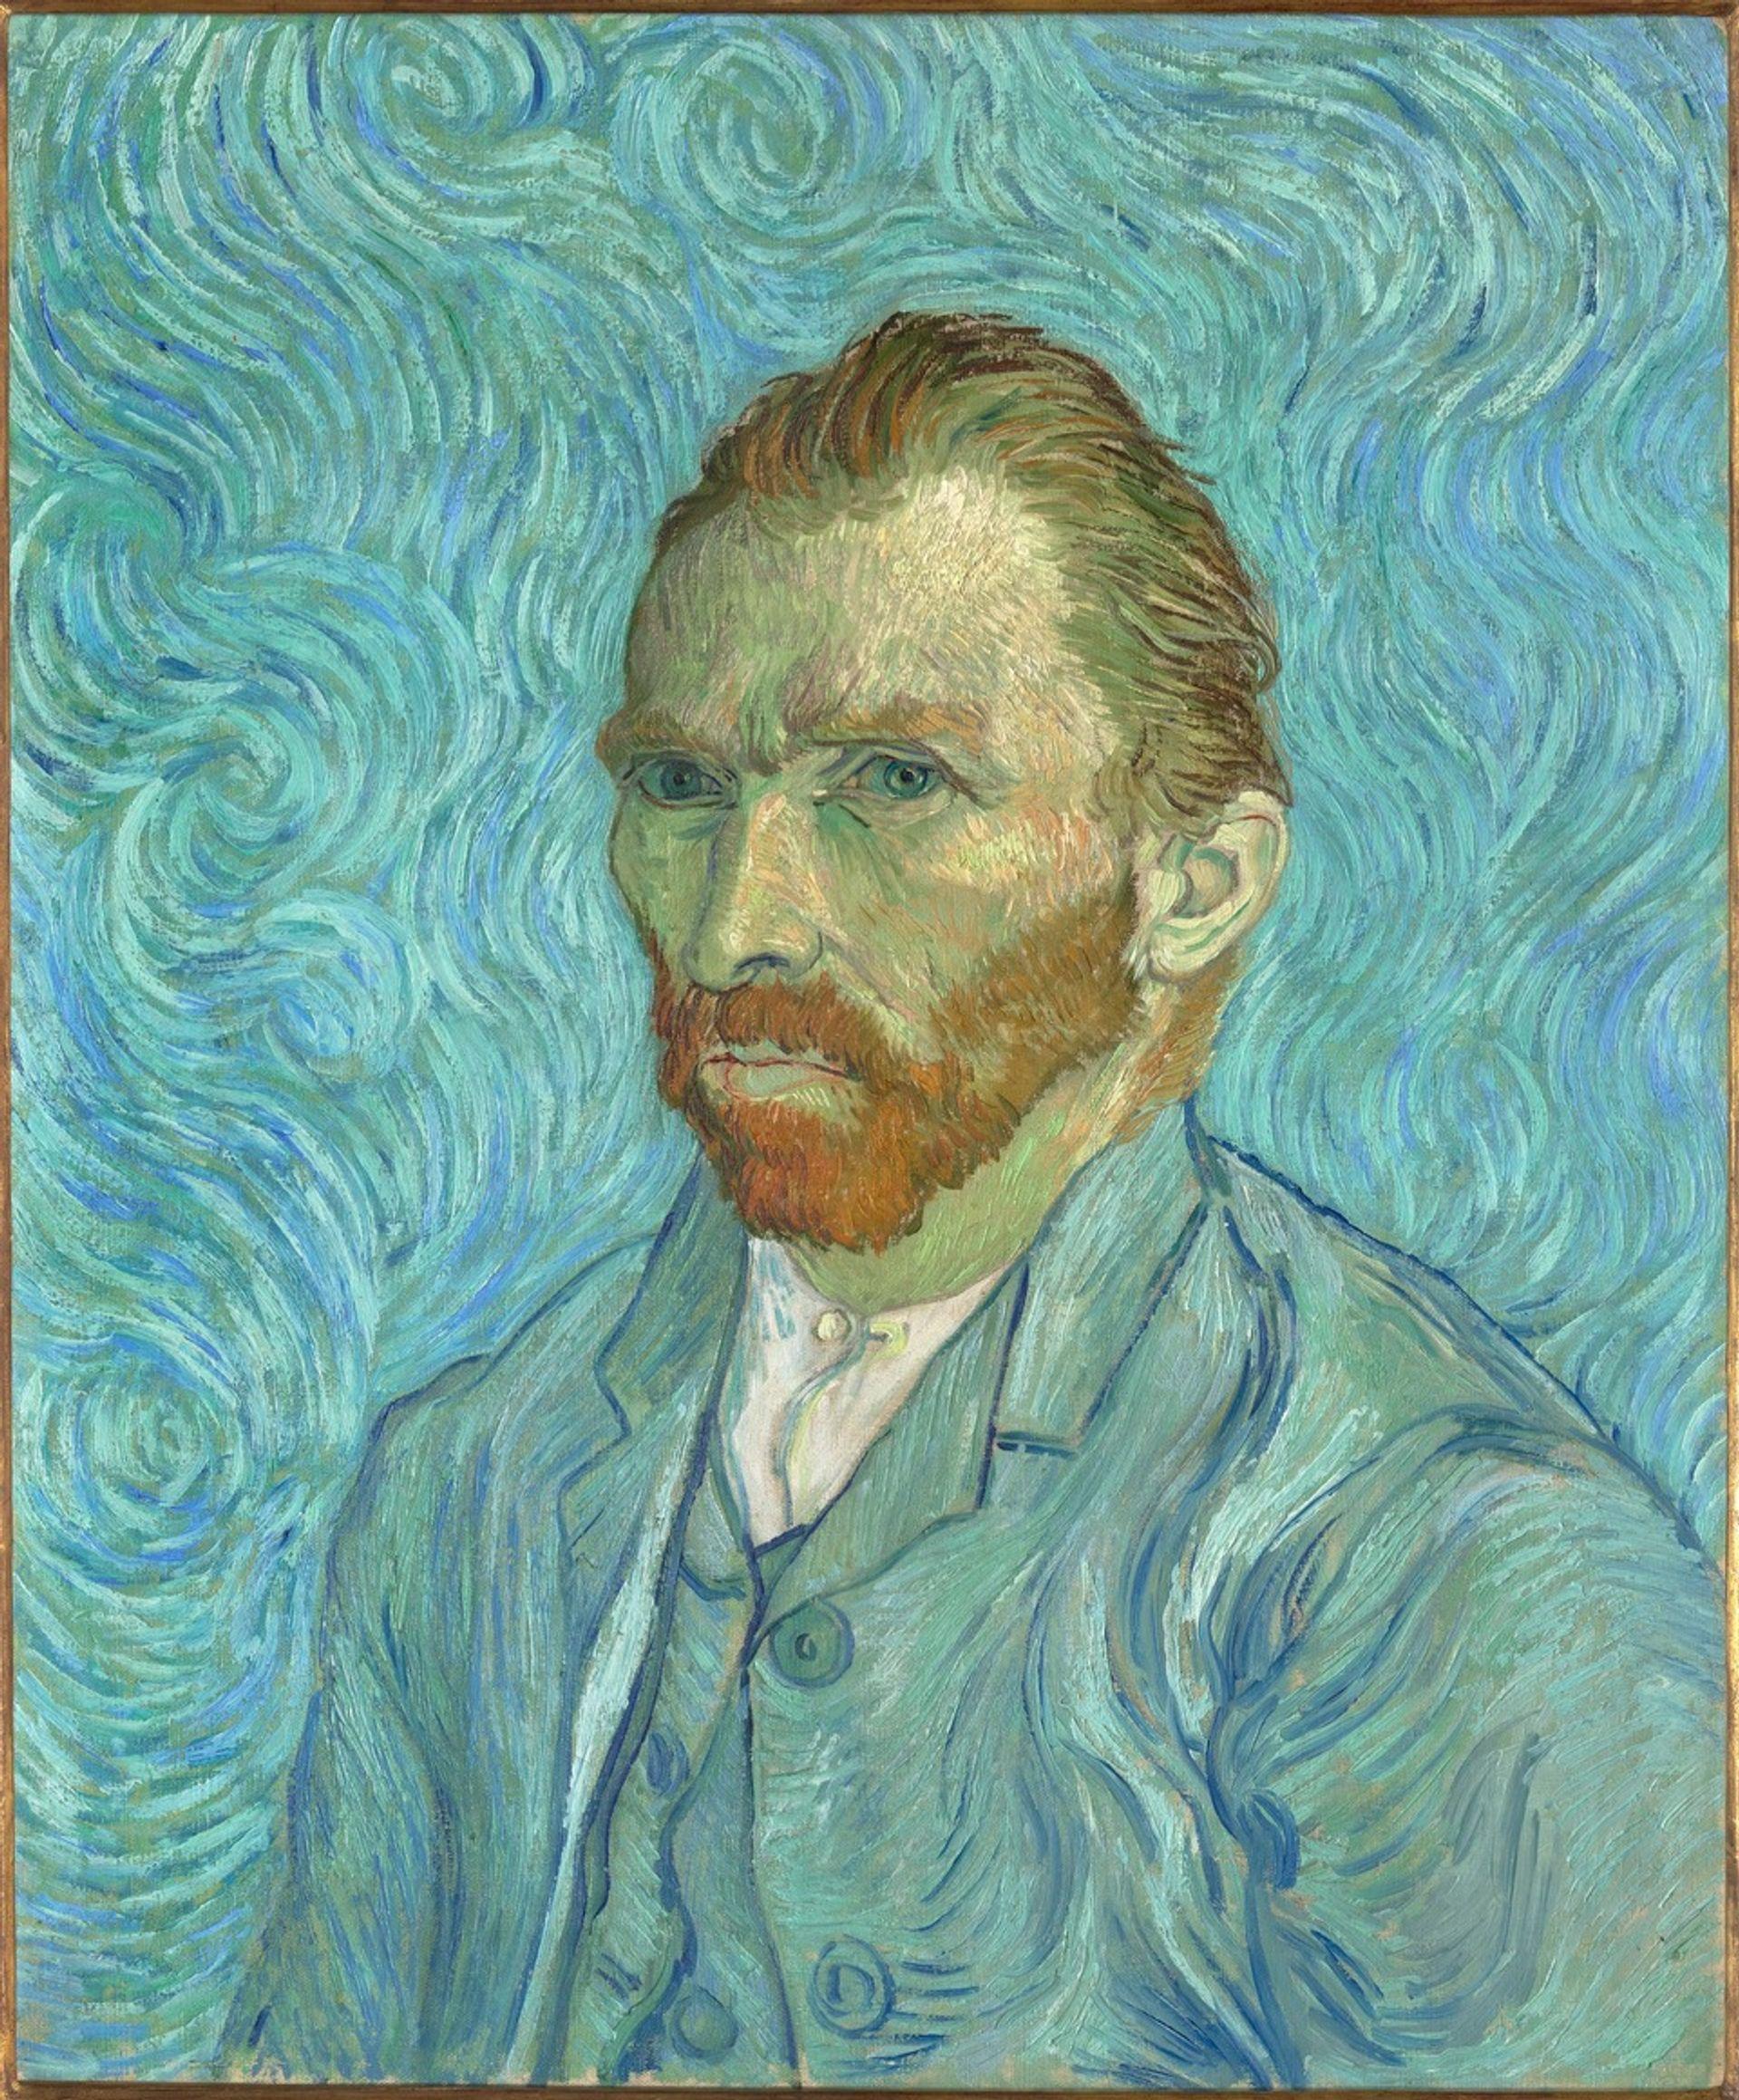 Vincent van Gogh, Self-portrait (1889), given to Dr Paul Gachet © Photo: Distribution RMN Musée d'Orsay, Paris/Patrice Schmidt